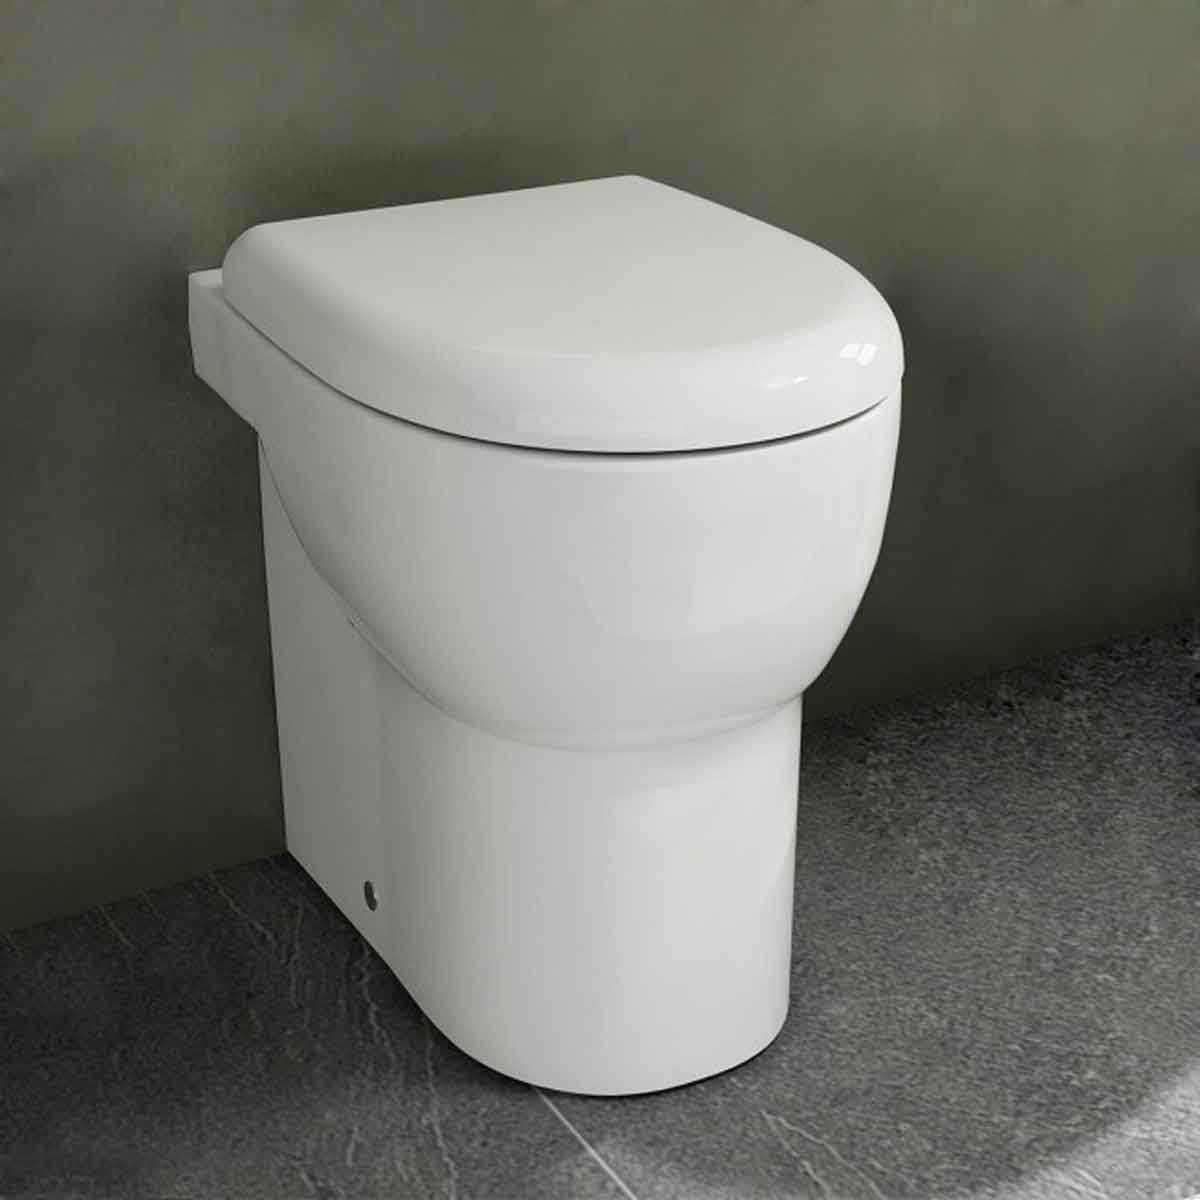 Wc filo parete  senza brida azzurra absolute con sedile soft close in termoindurente